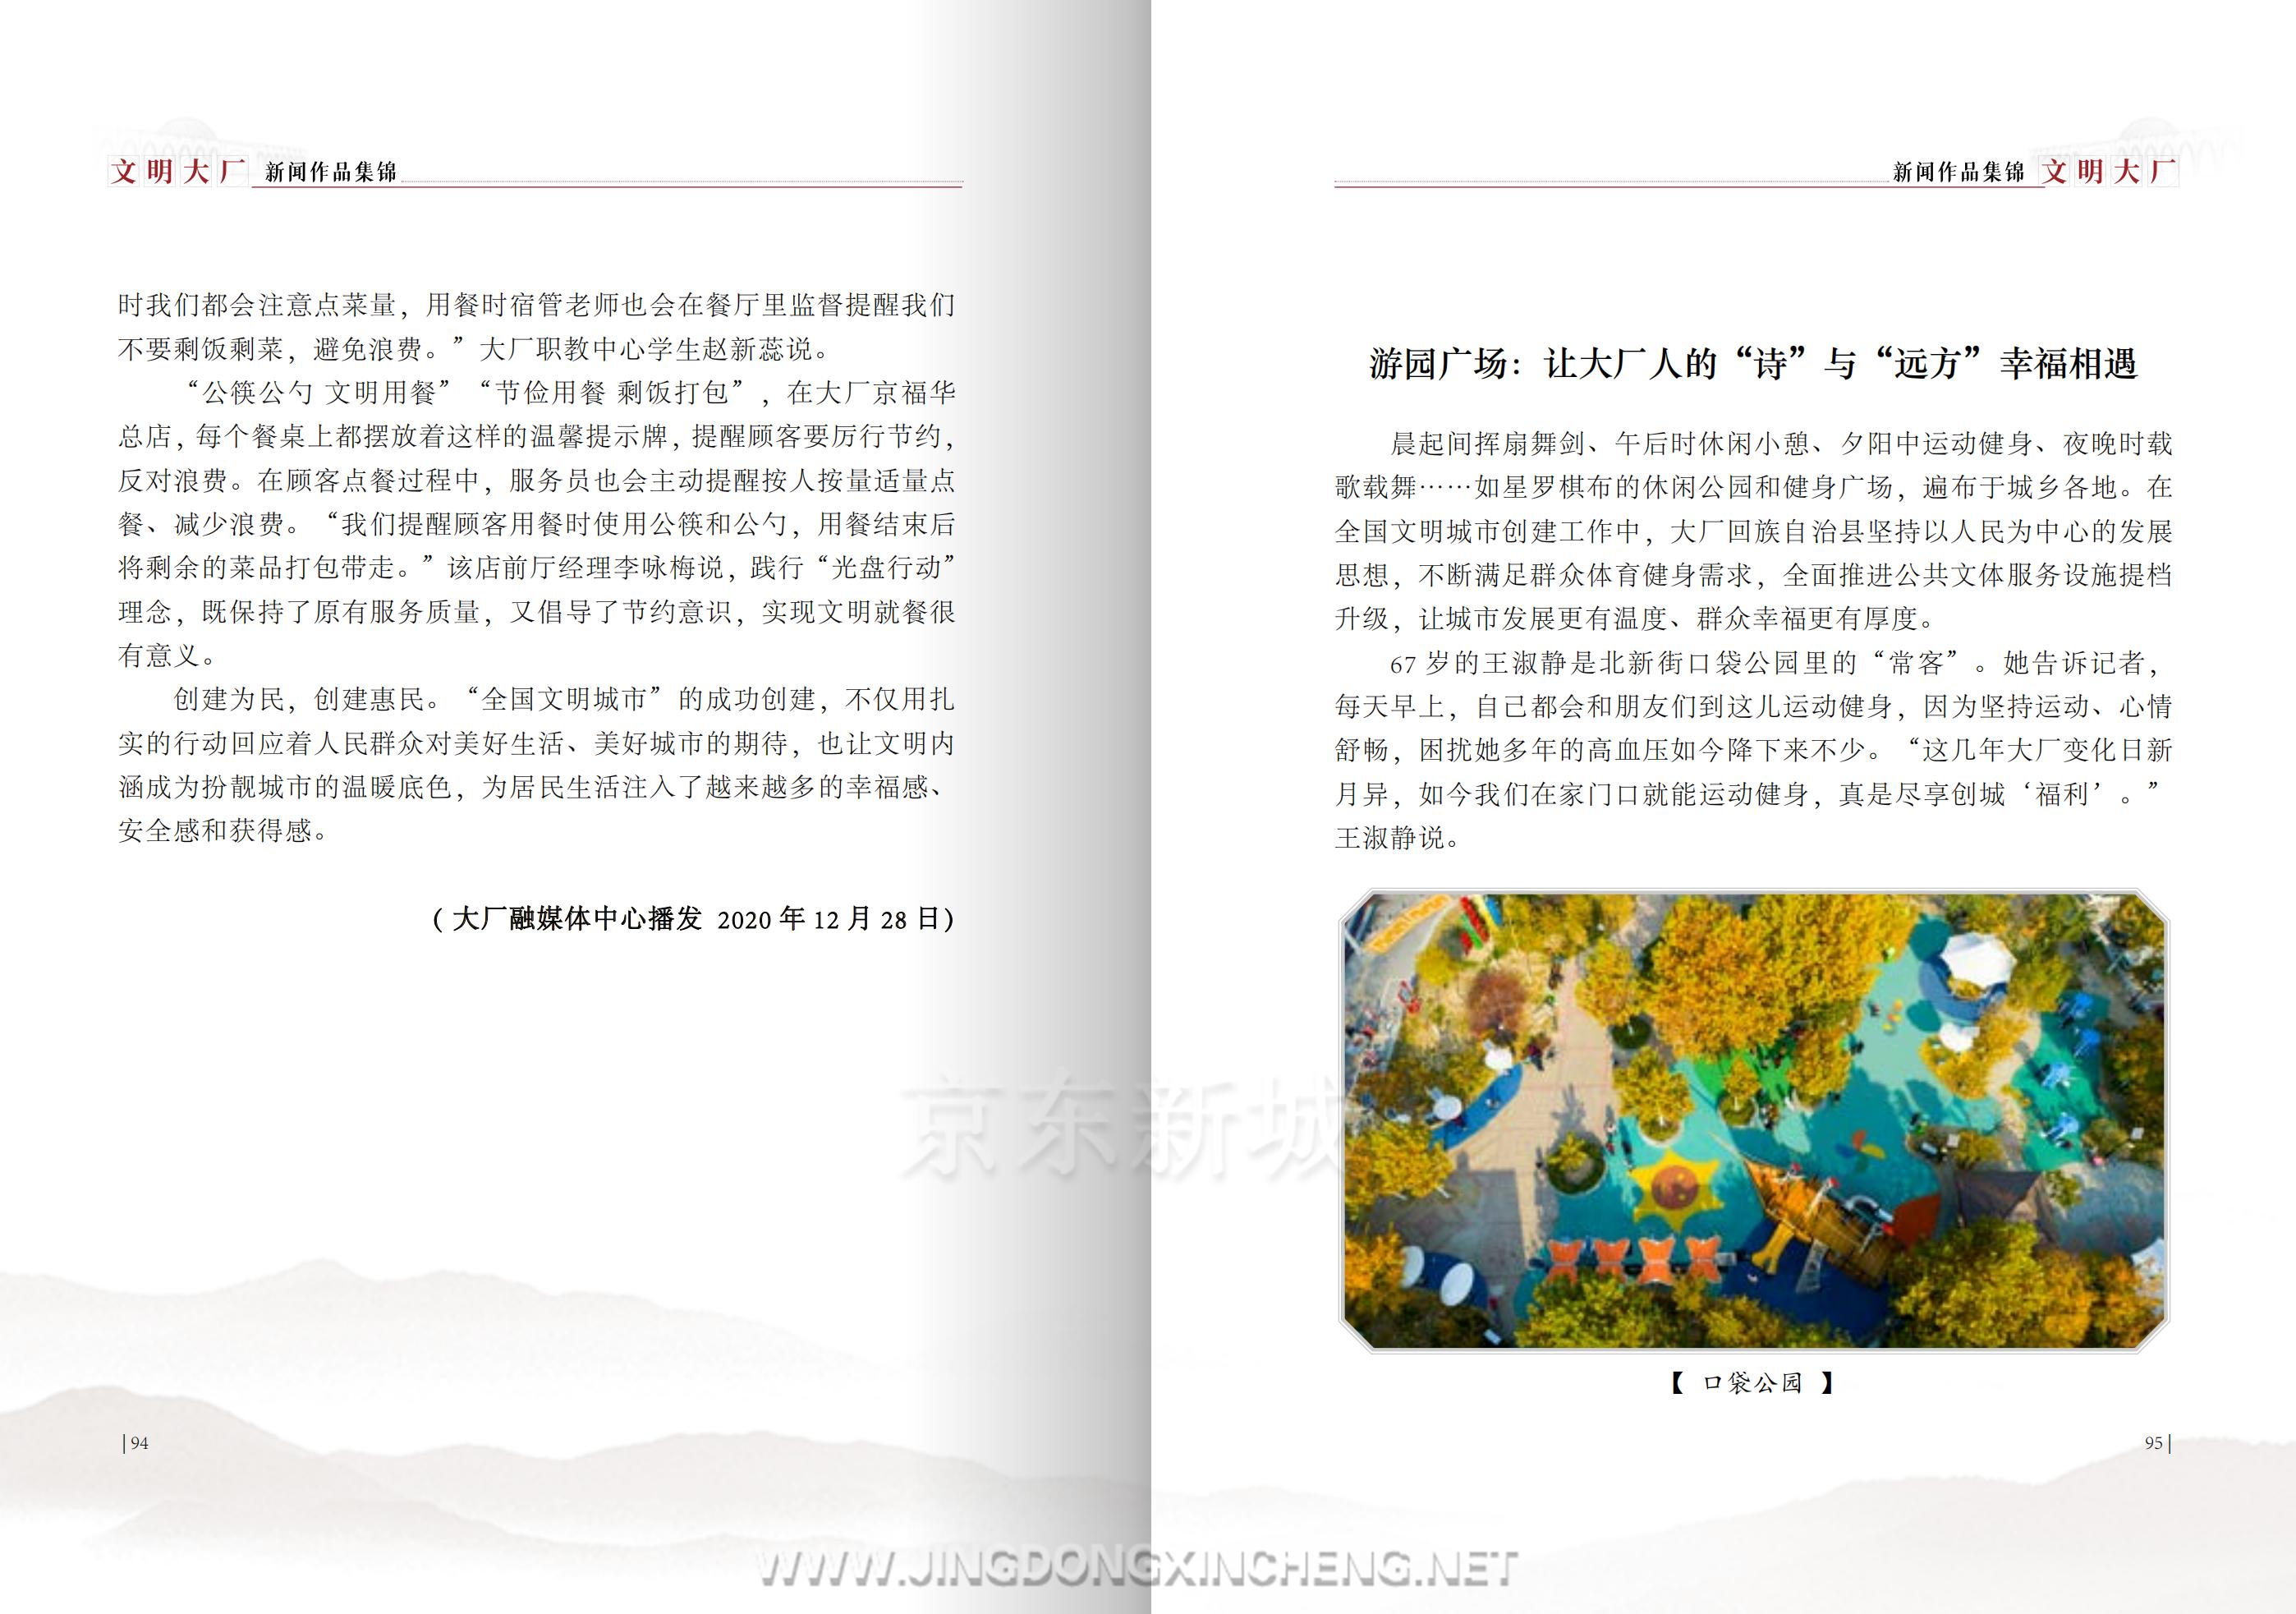 文明大厂书籍-定稿-上传版_51.png